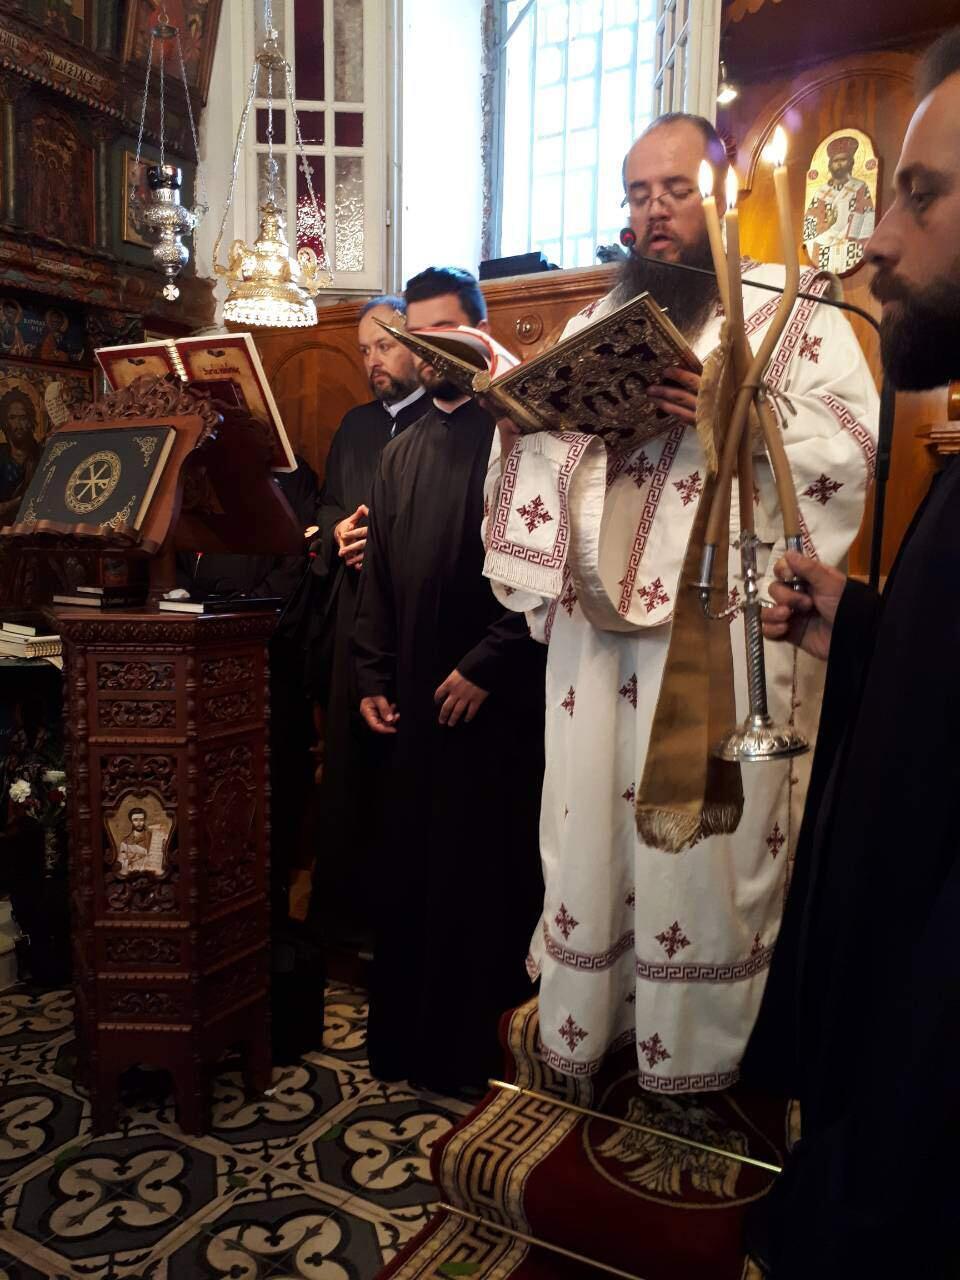 εκδηλώσεις ιερού λειψάνου Αγίου Νικολάου Κοινοβιακή Μονή Ιρά Αθανίου